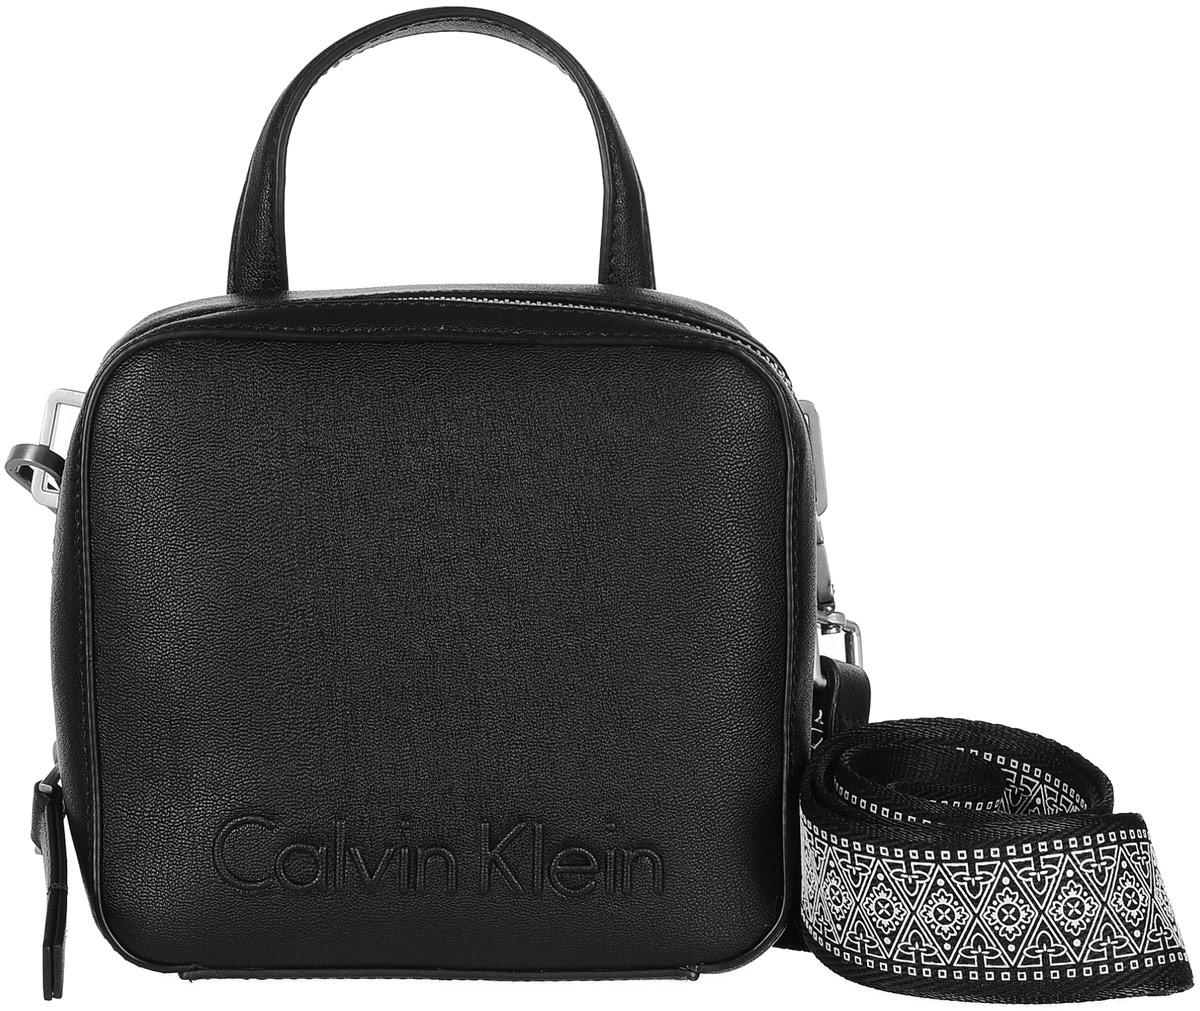 a62e14faf928 Сумка женская Calvin Klein Jeans, цвет: черный. K60K604002/0010 — купить в  интернет-магазине OZON.ru с быстрой доставкой